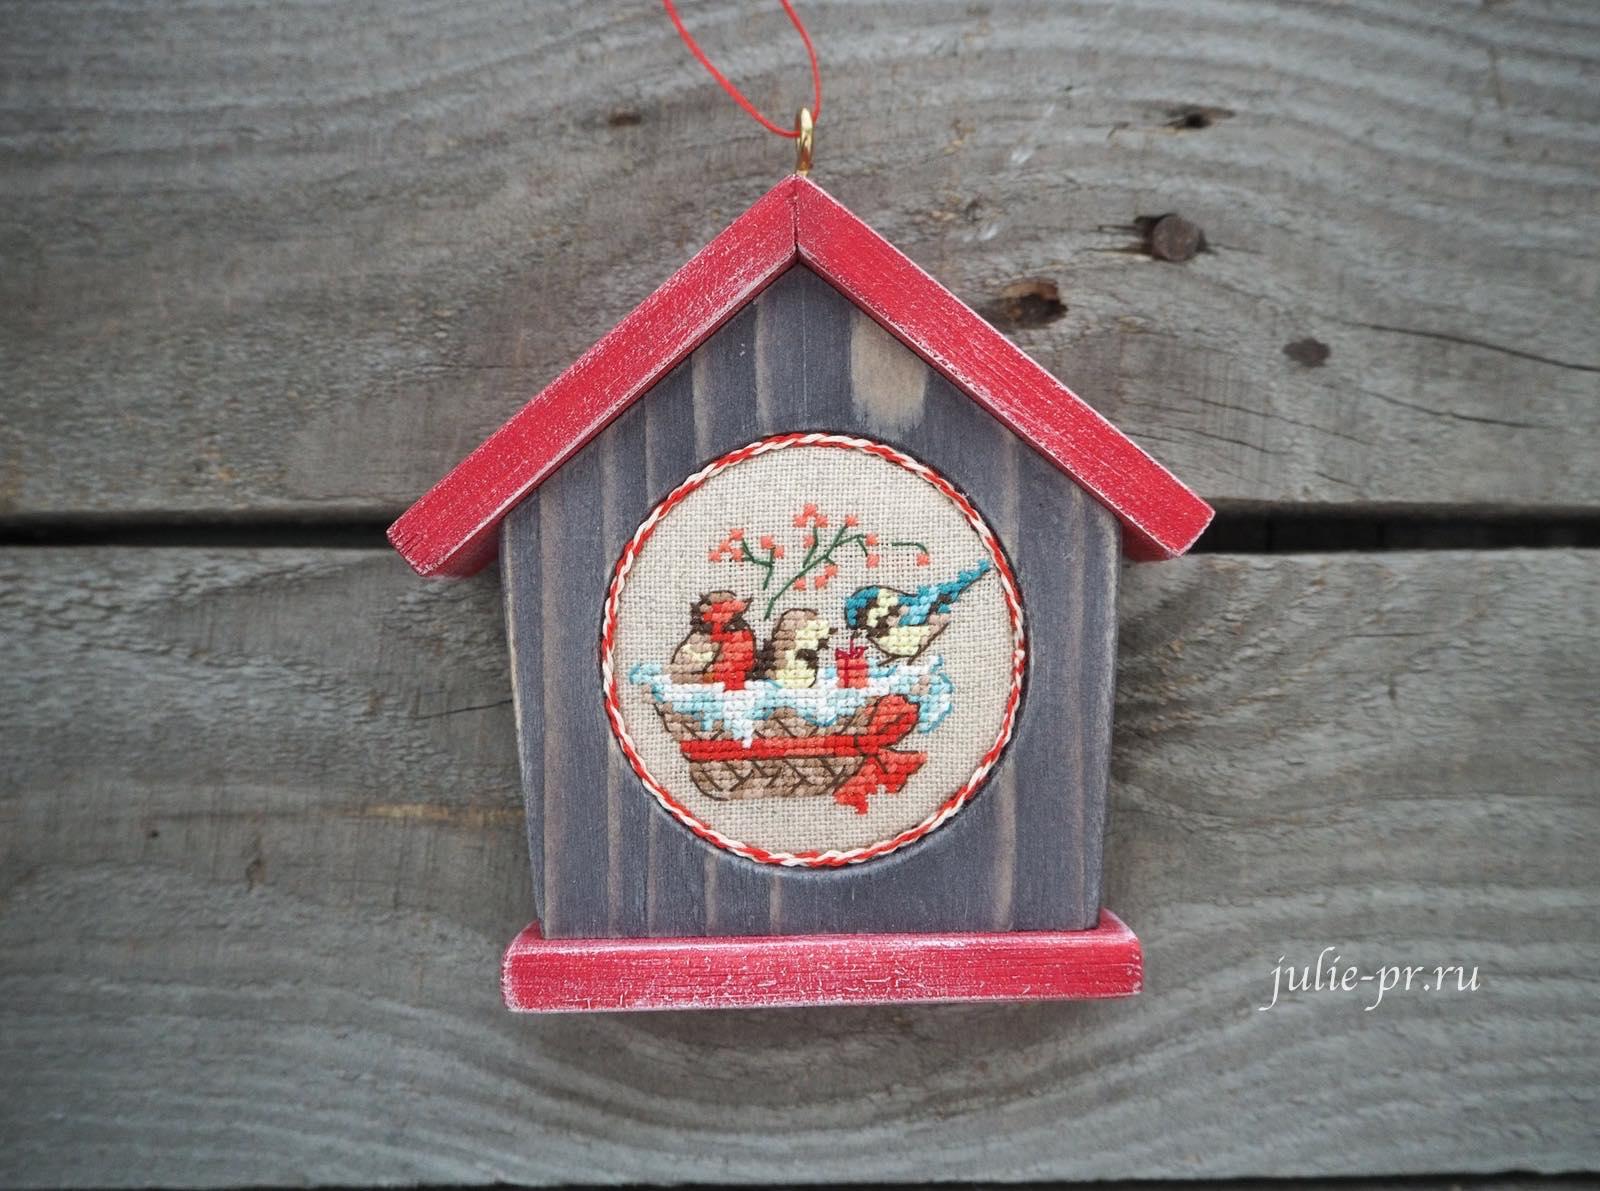 вышивка крестом, вышитые елочные игрушки, парижские вышивальщицы, les brodeuses parisiennes, Veronique Enginger, схемы для вышивки, Le grand ABC de Noel, Большой рождественский алфавит, птички